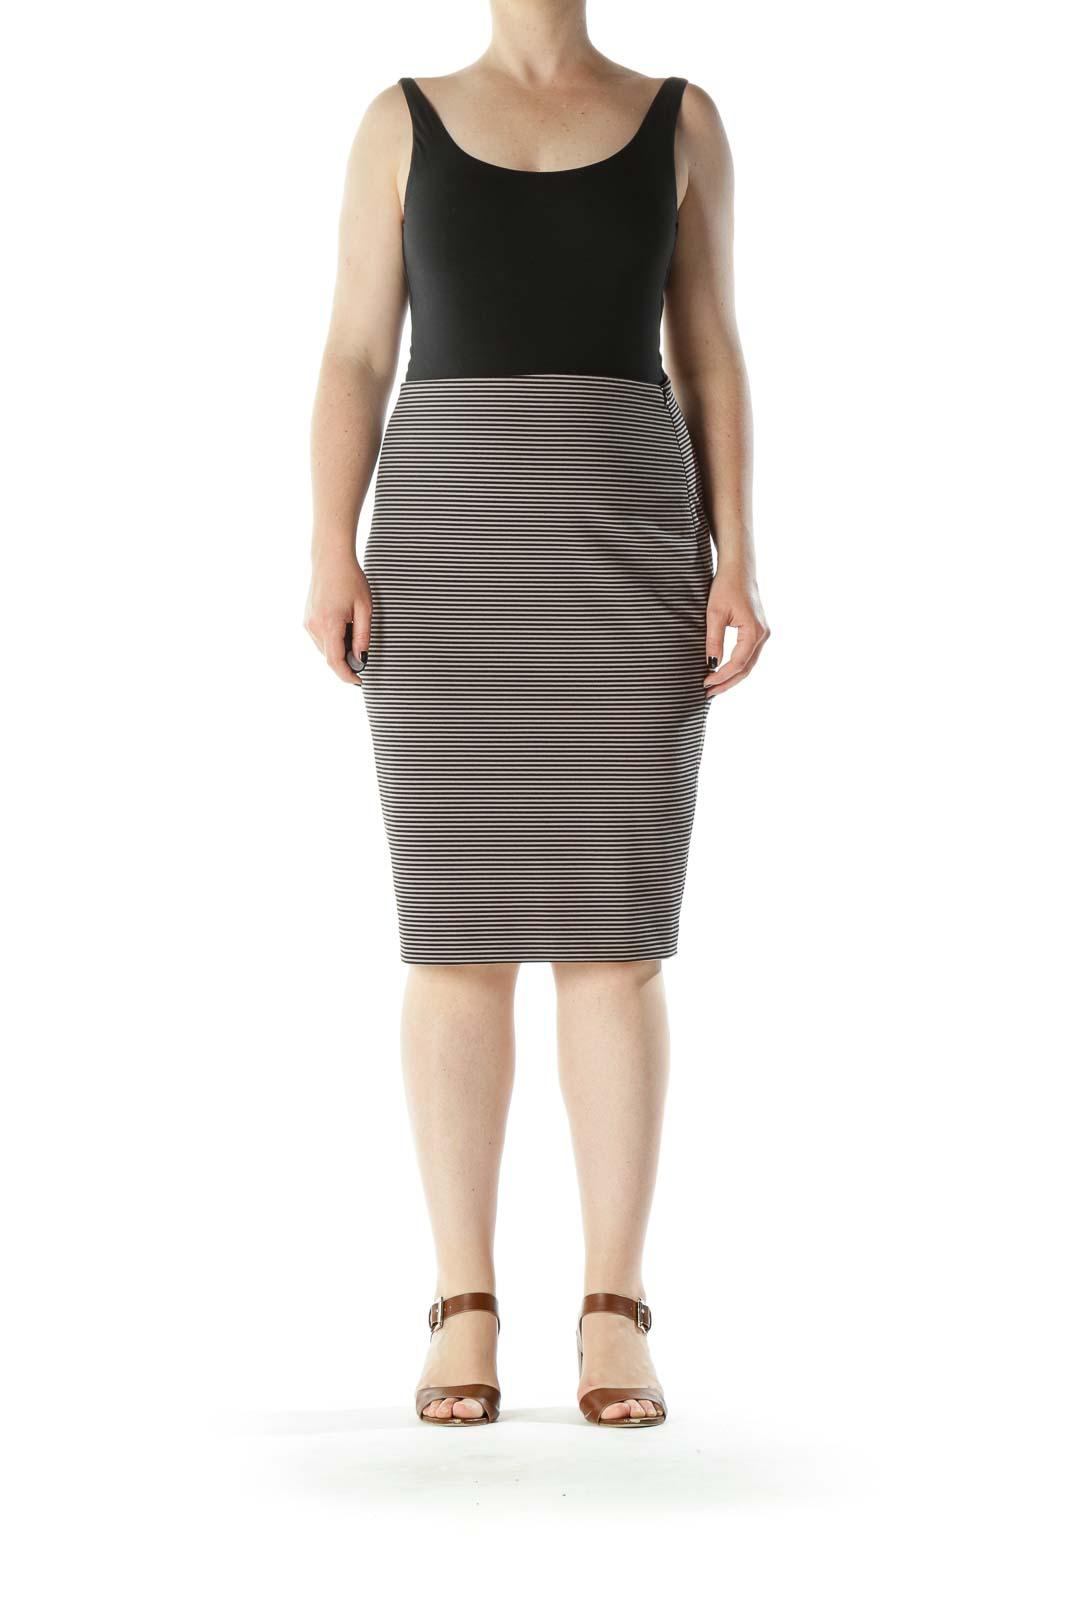 Beige Black Striped Stretch Side Zipper Pencil Skirt